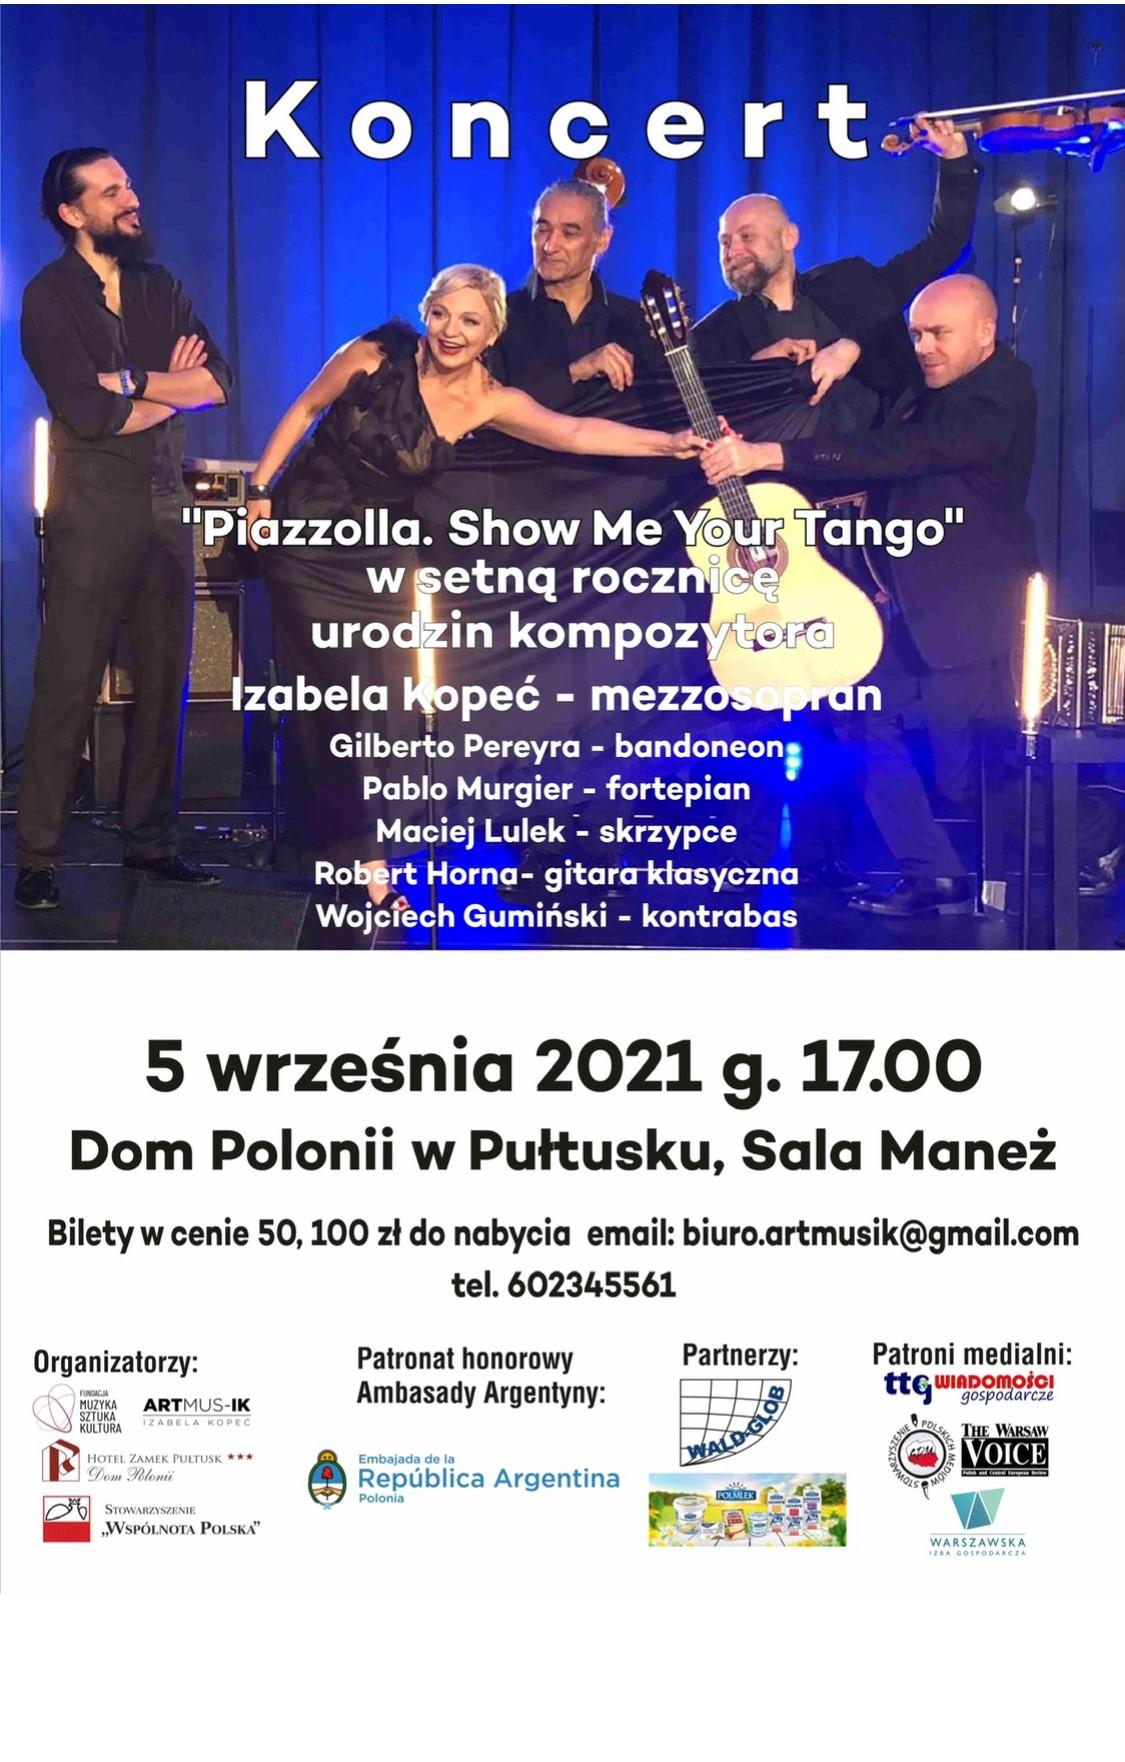 """Koncert """"Piazzolla. Show Me Your Tango"""" w setną rocznicę urodzin kompozytora"""